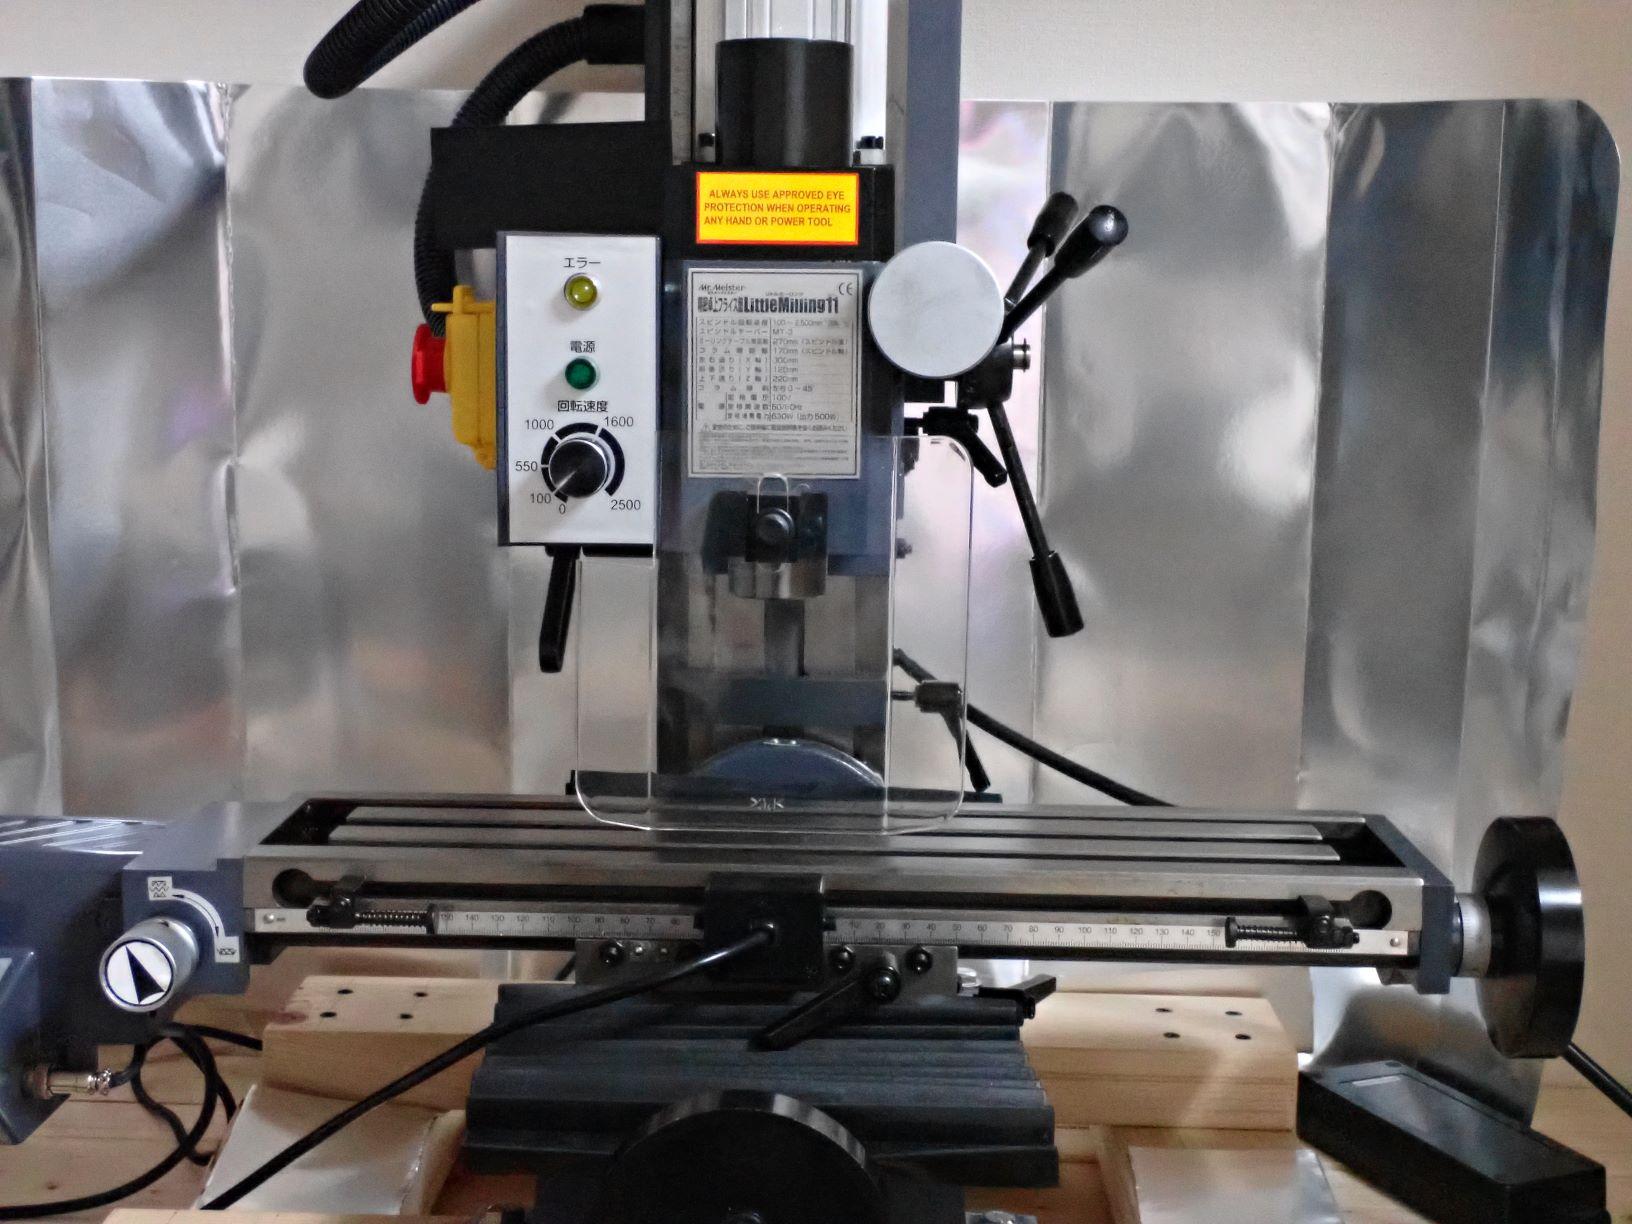 機械を新規導入(追加、穴あけ加工など)